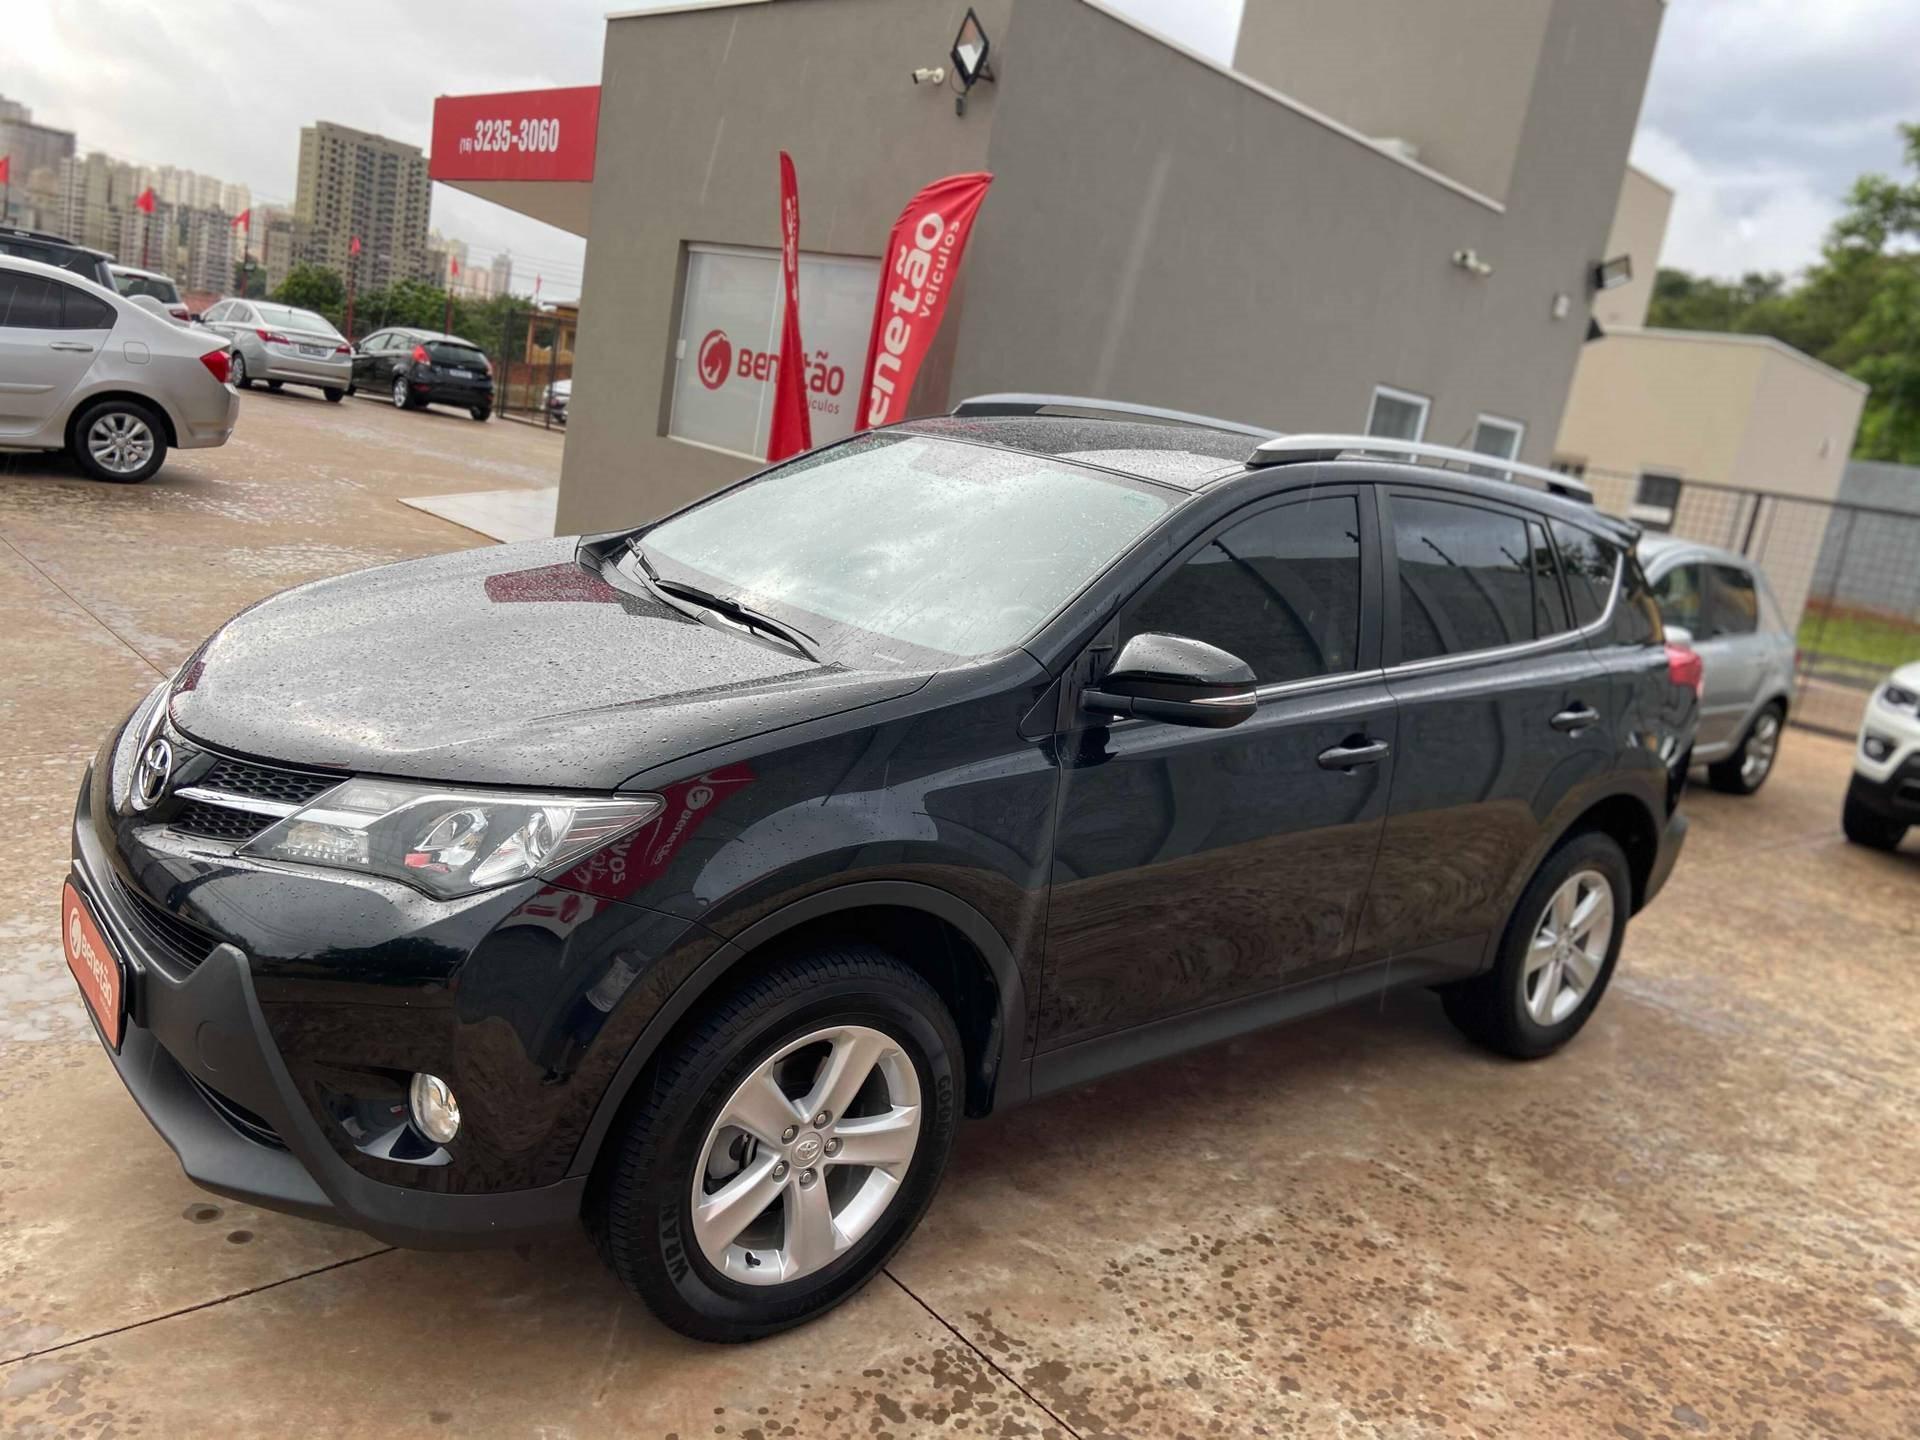 Toyota Rav4 2.0 4x2 16v Gasolina 4p Automatico Wmimagem17130237459